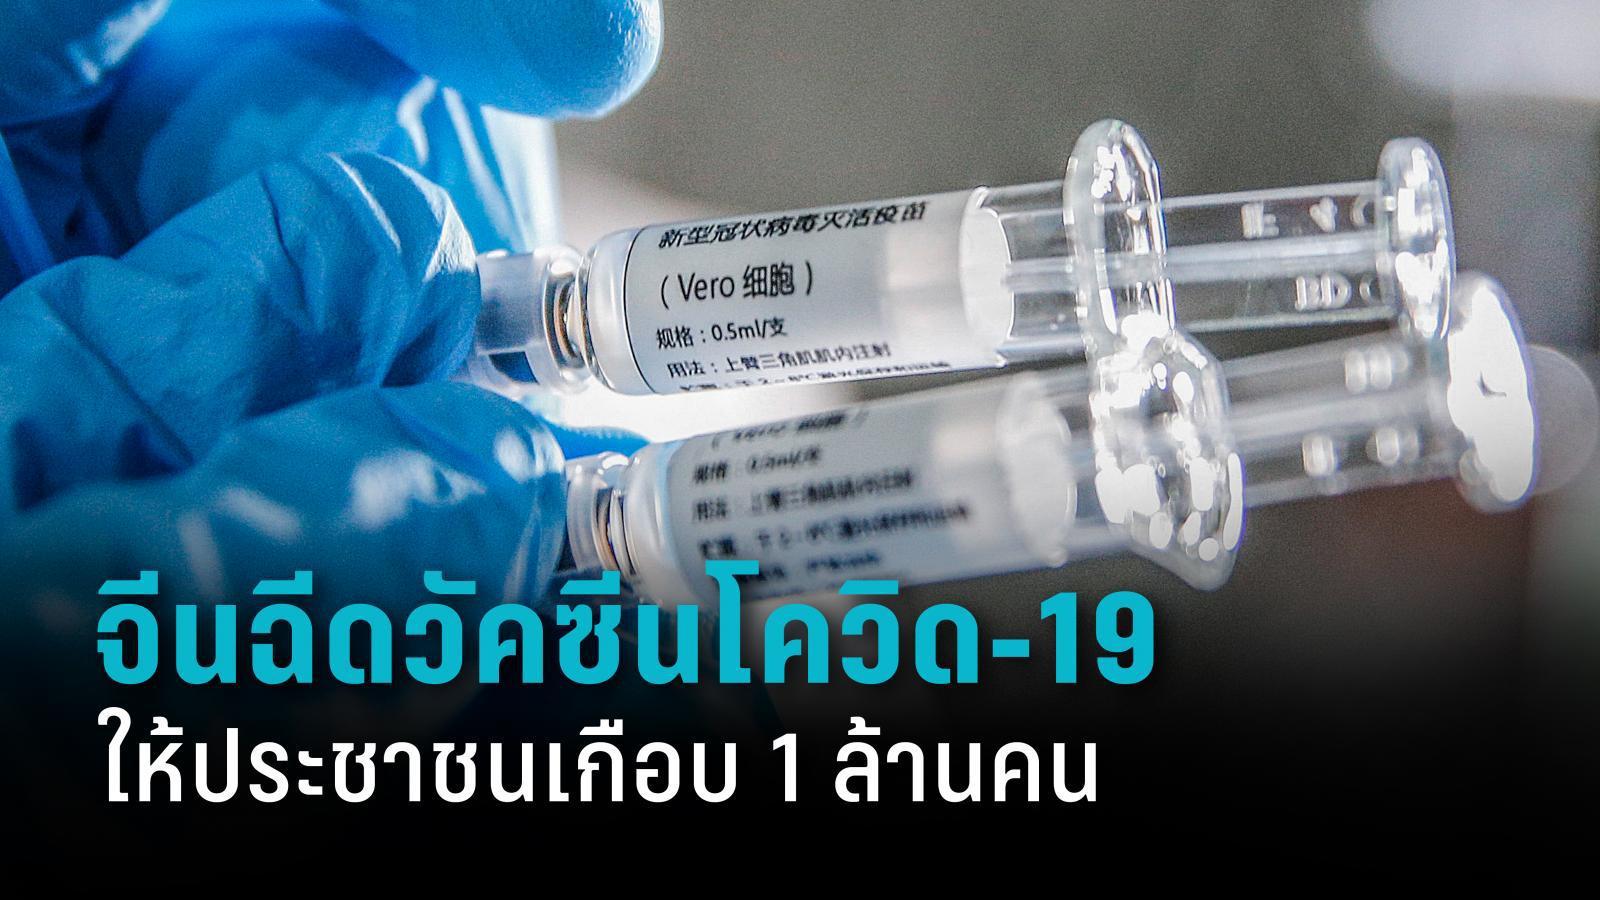 จีนฉีดวัคซีนโควิด-19 ให้ประชาชนเกือบ 1 ล้านคน